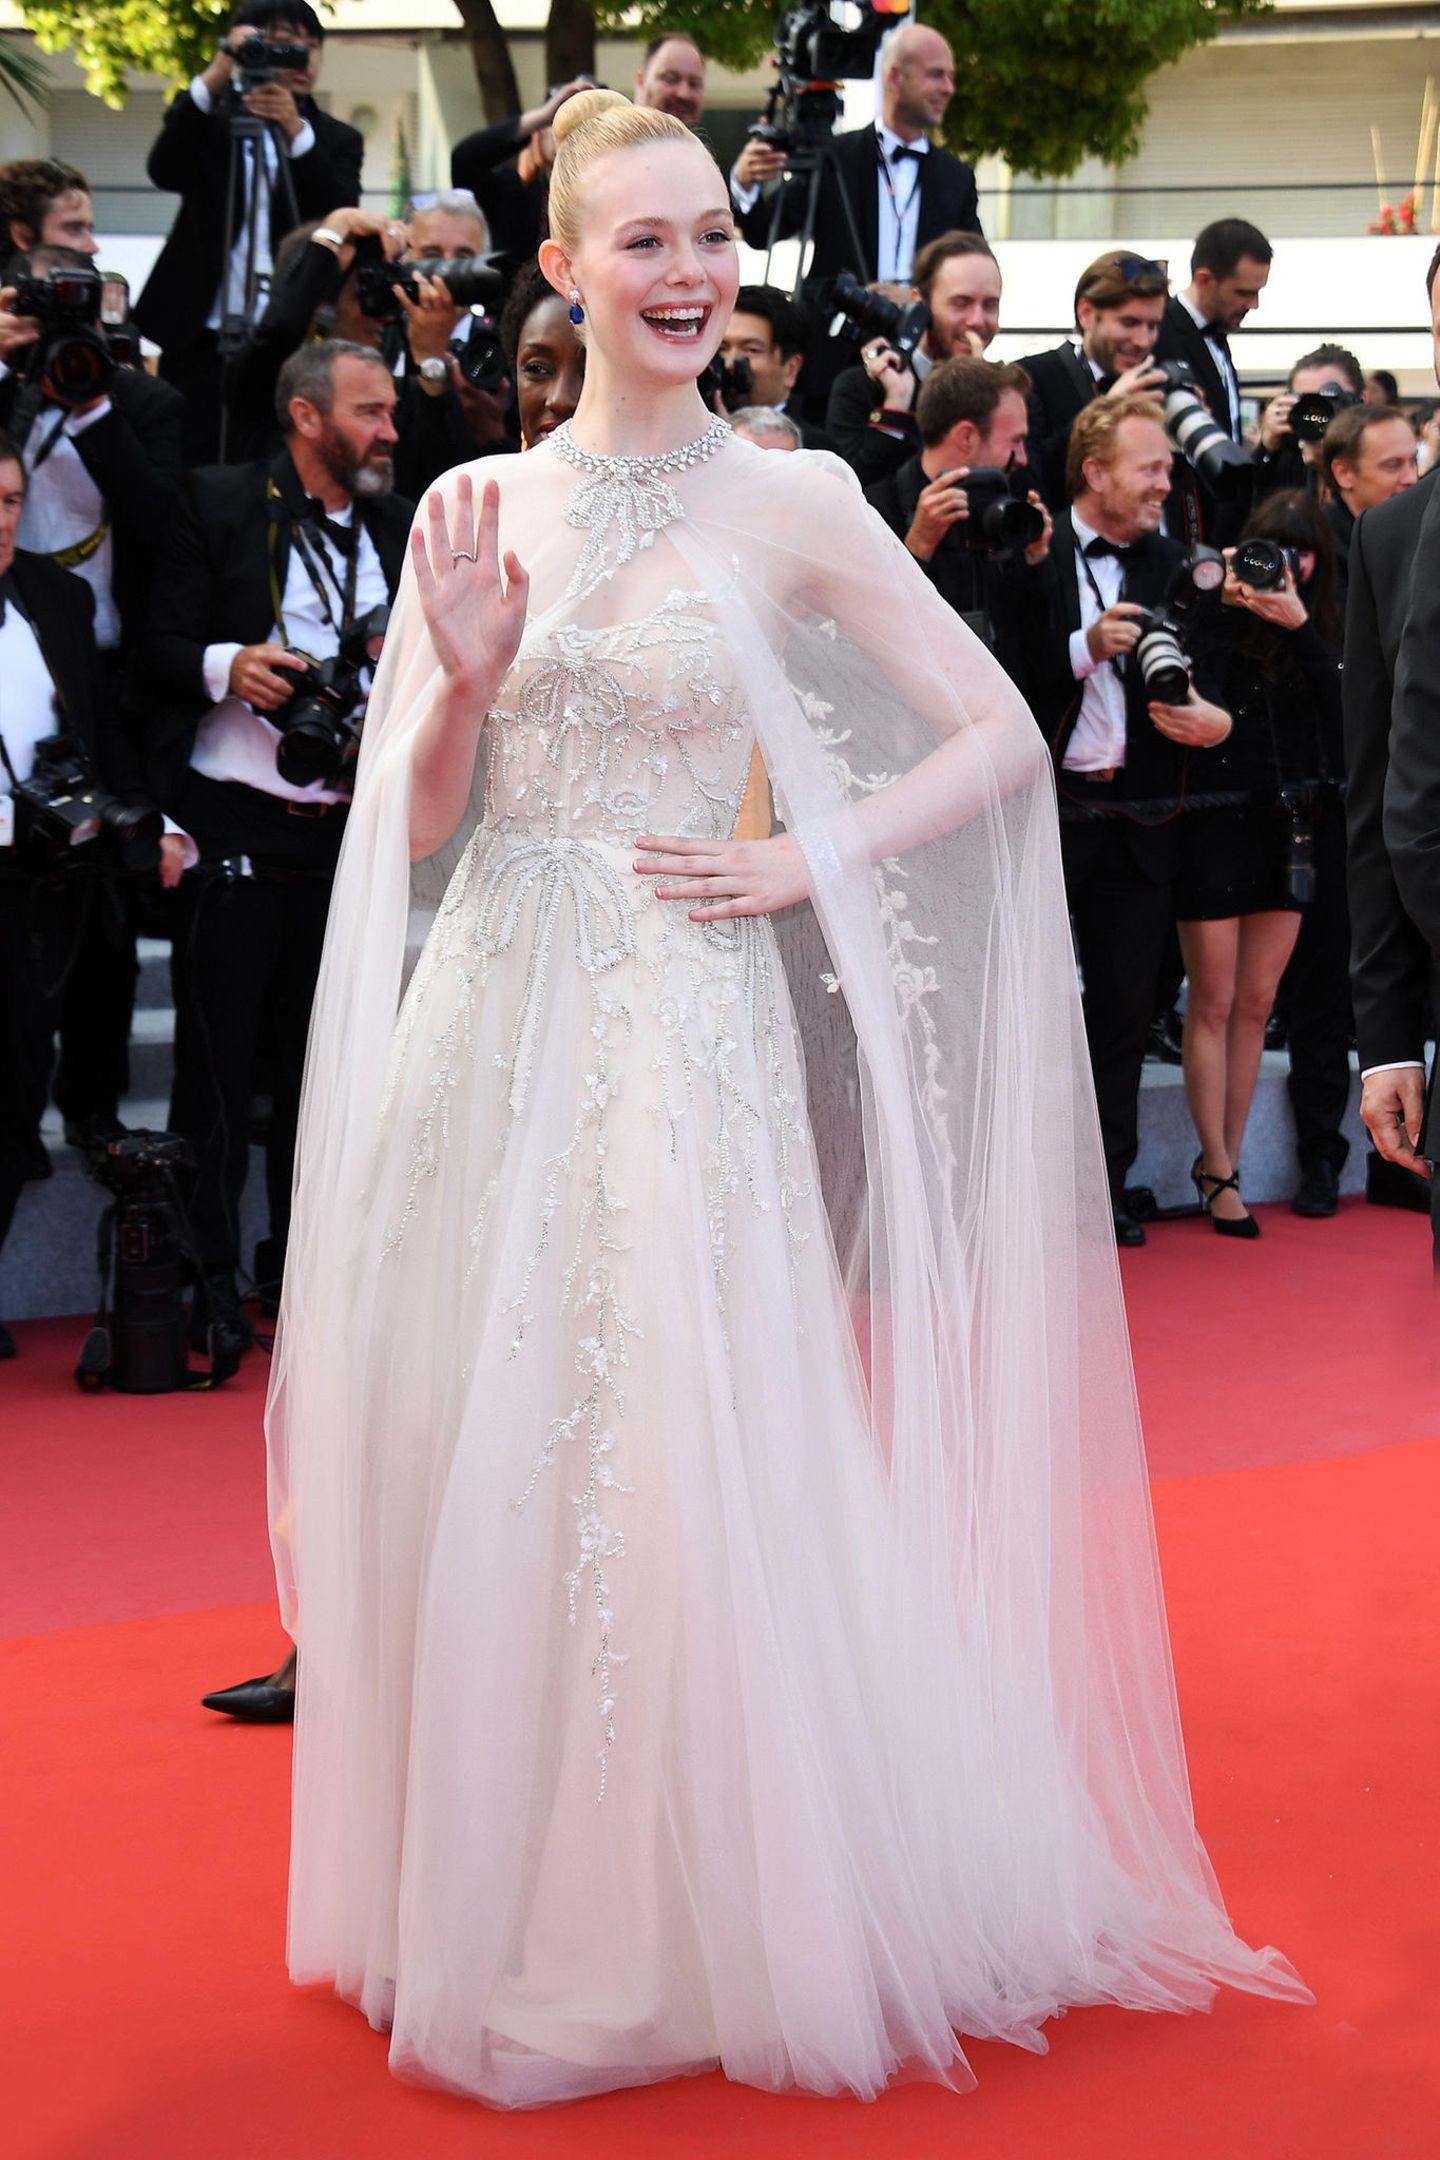 Der Designer Reem Acra versteht es, wundervolle Brautkleider zu kreieren. Kein Wunder also, dass Elle Fanning in einemseiner neuesten Entwürfe glatt vor den Traualtar treten könnte.